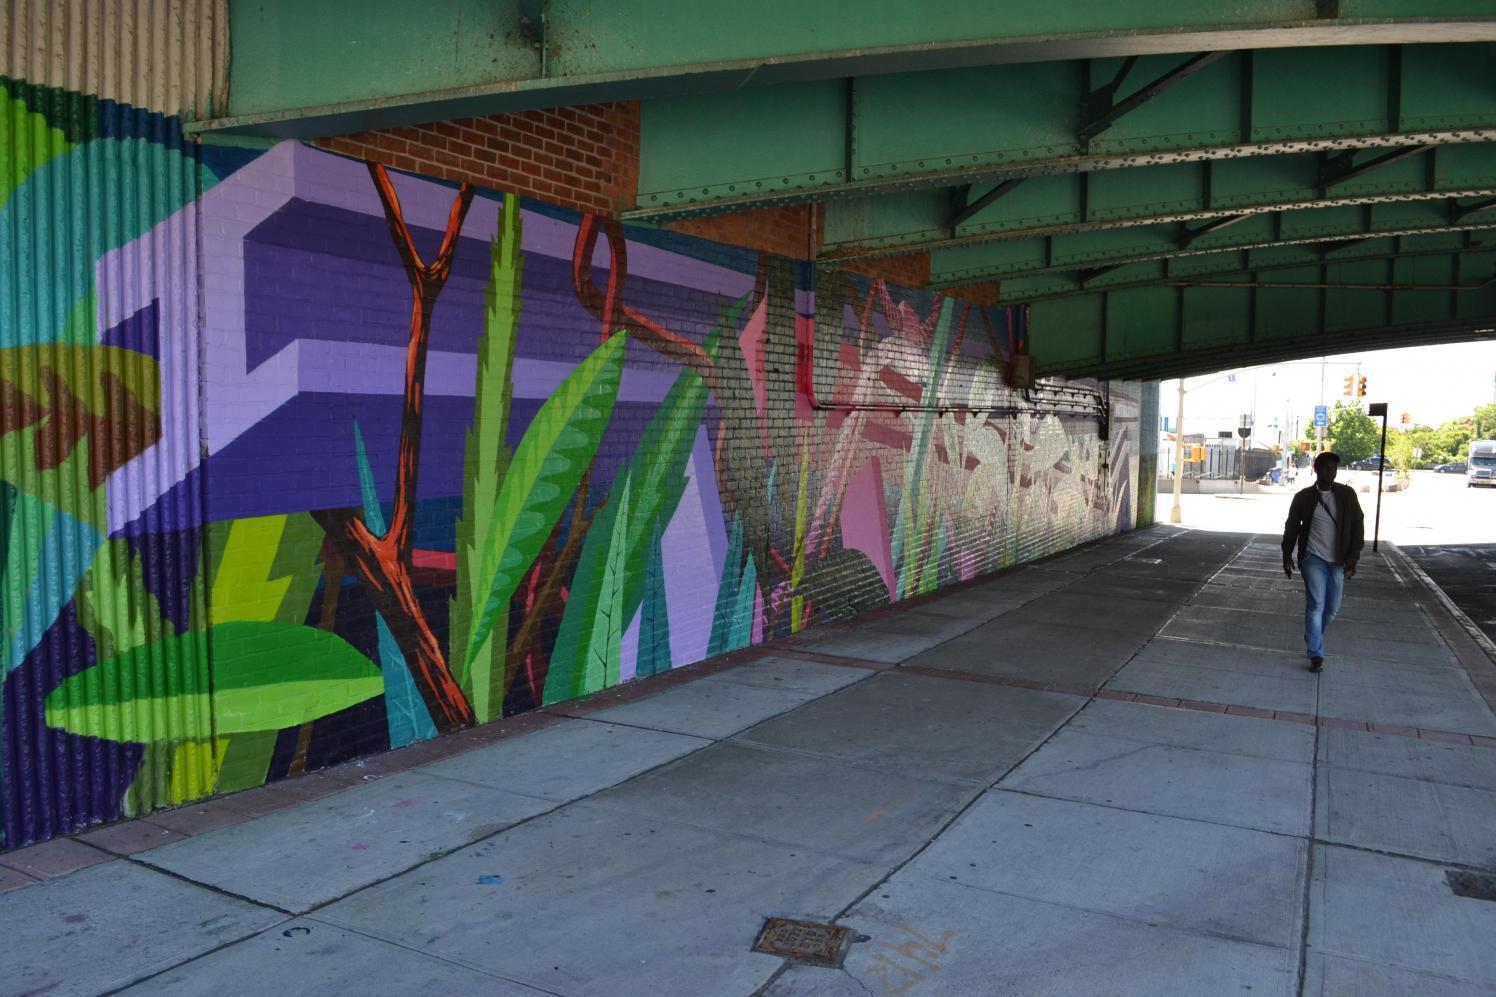 Public Art Brooklyn Bridge Park